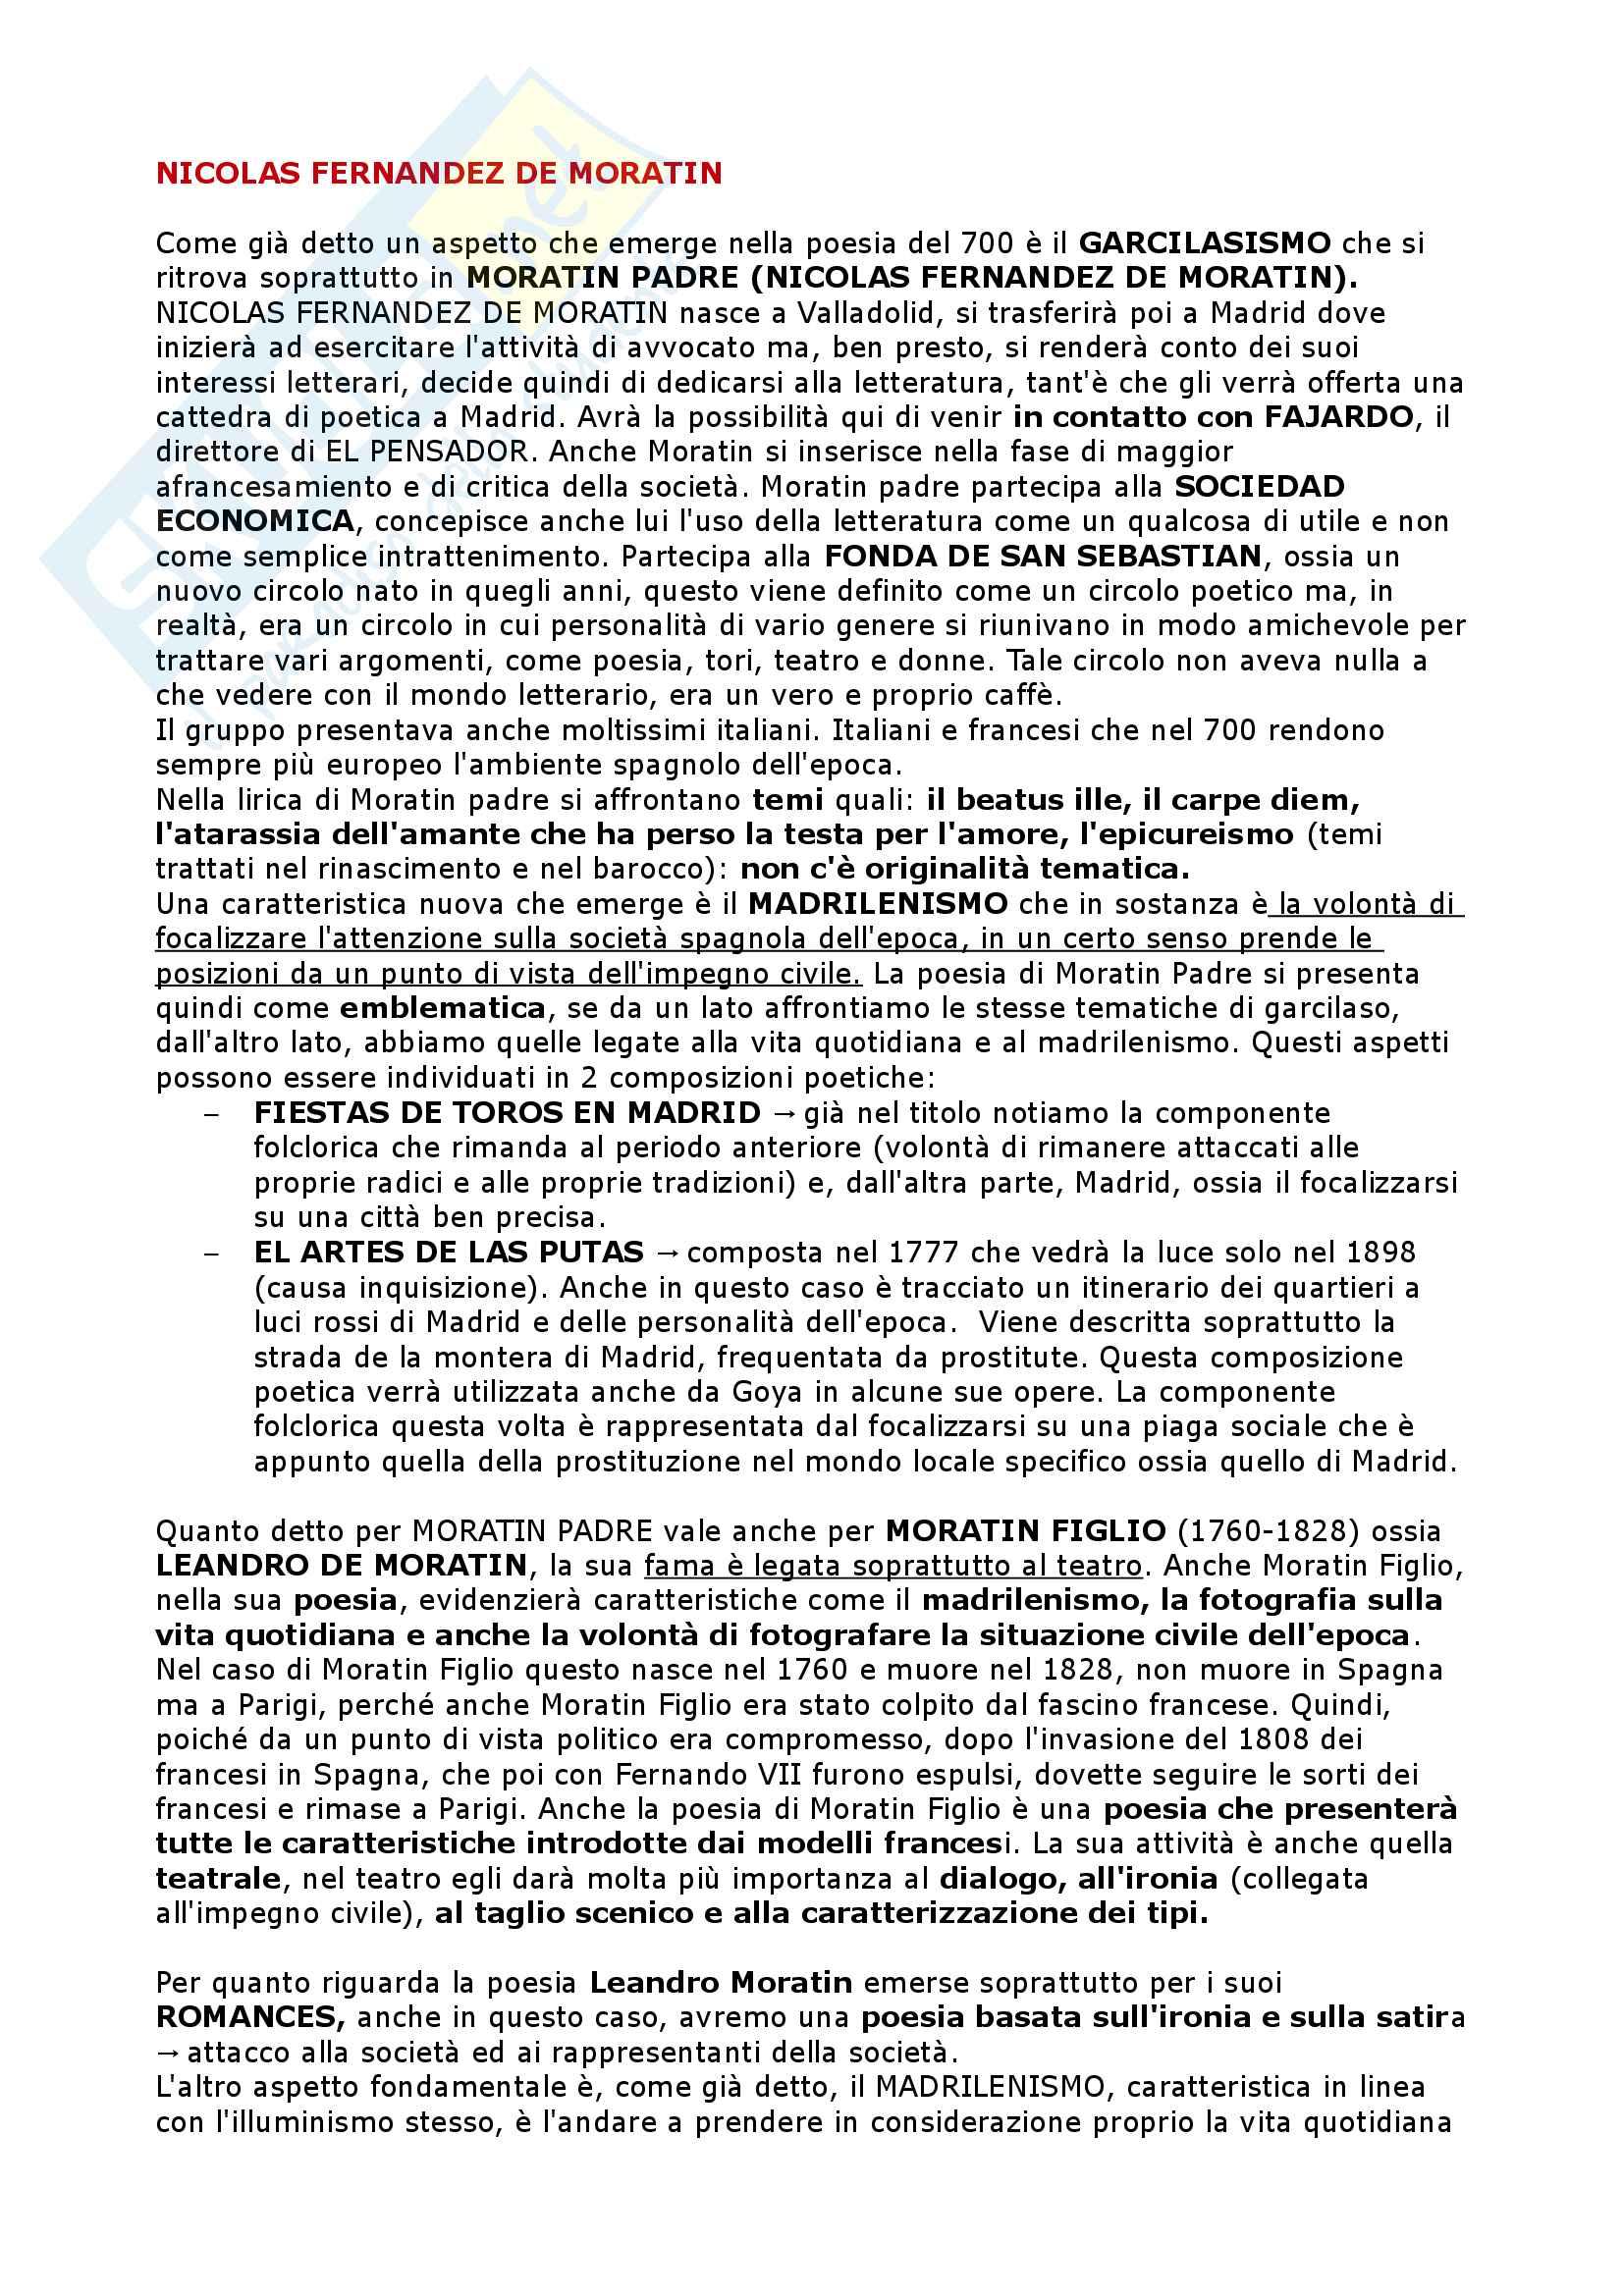 Il Settecento, l'Ottocento, il Novecento - Letteratura Spagnola II Pag. 11